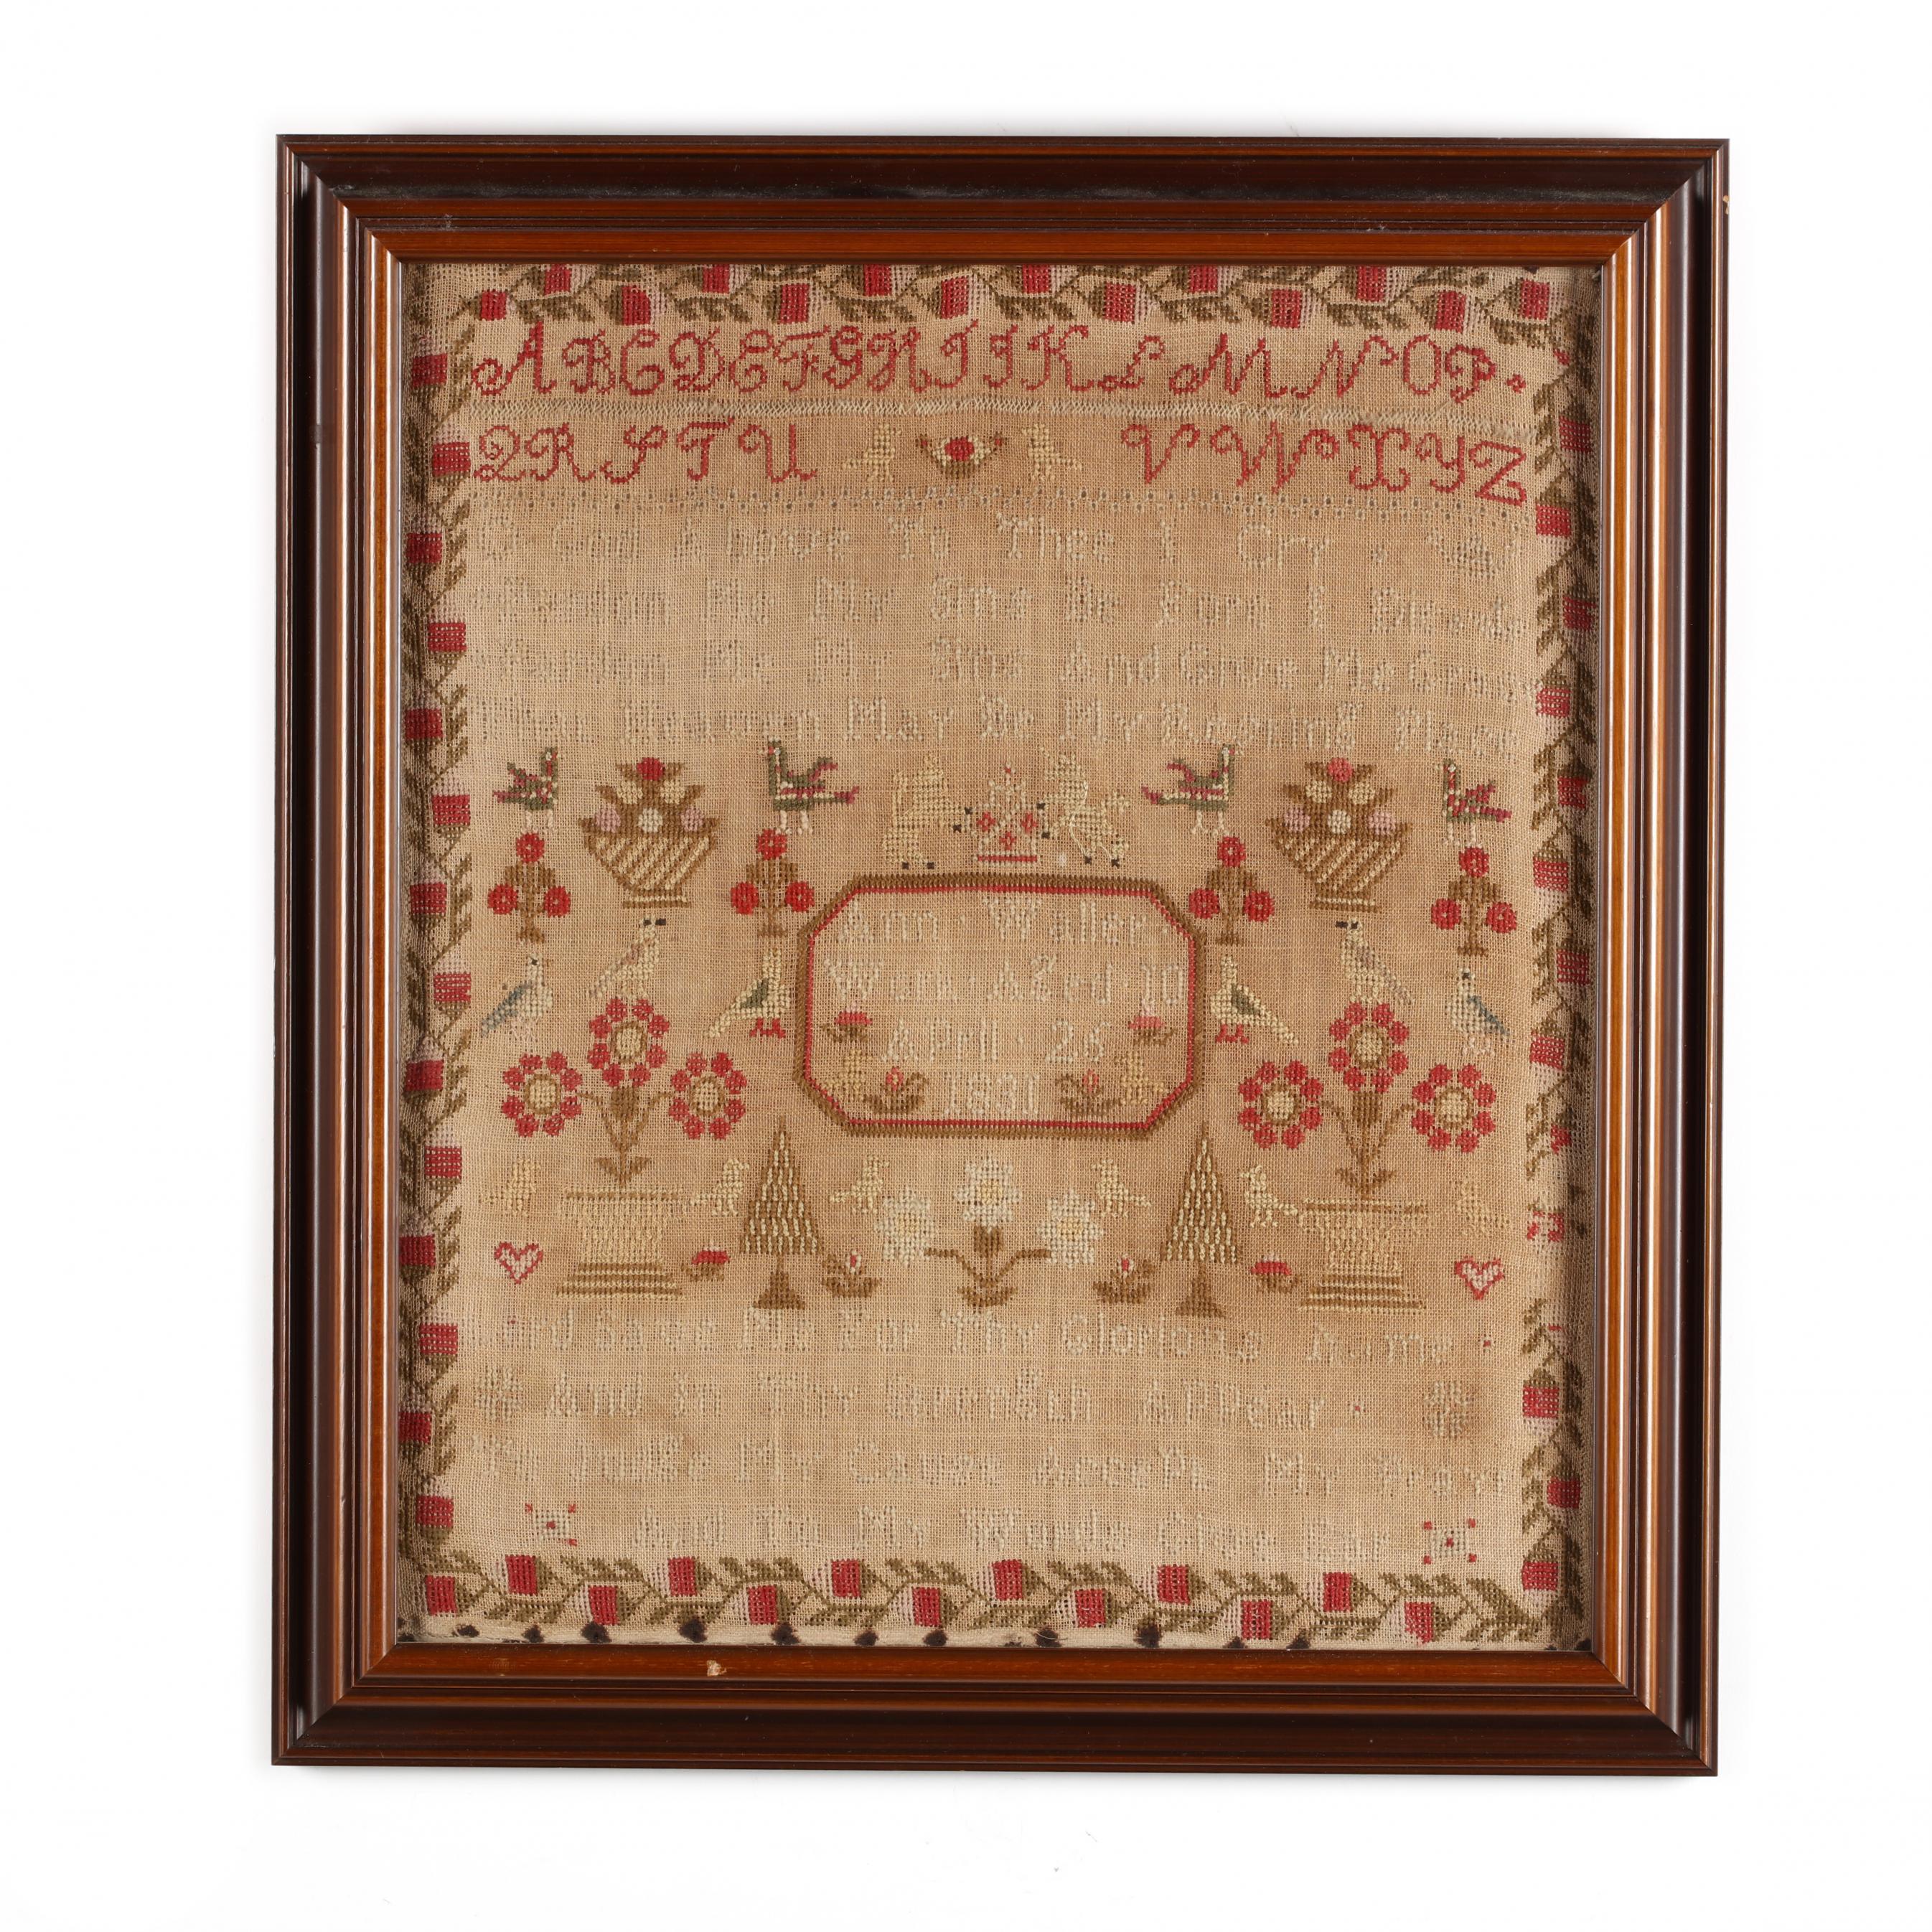 antique-framed-needlework-sampler-english